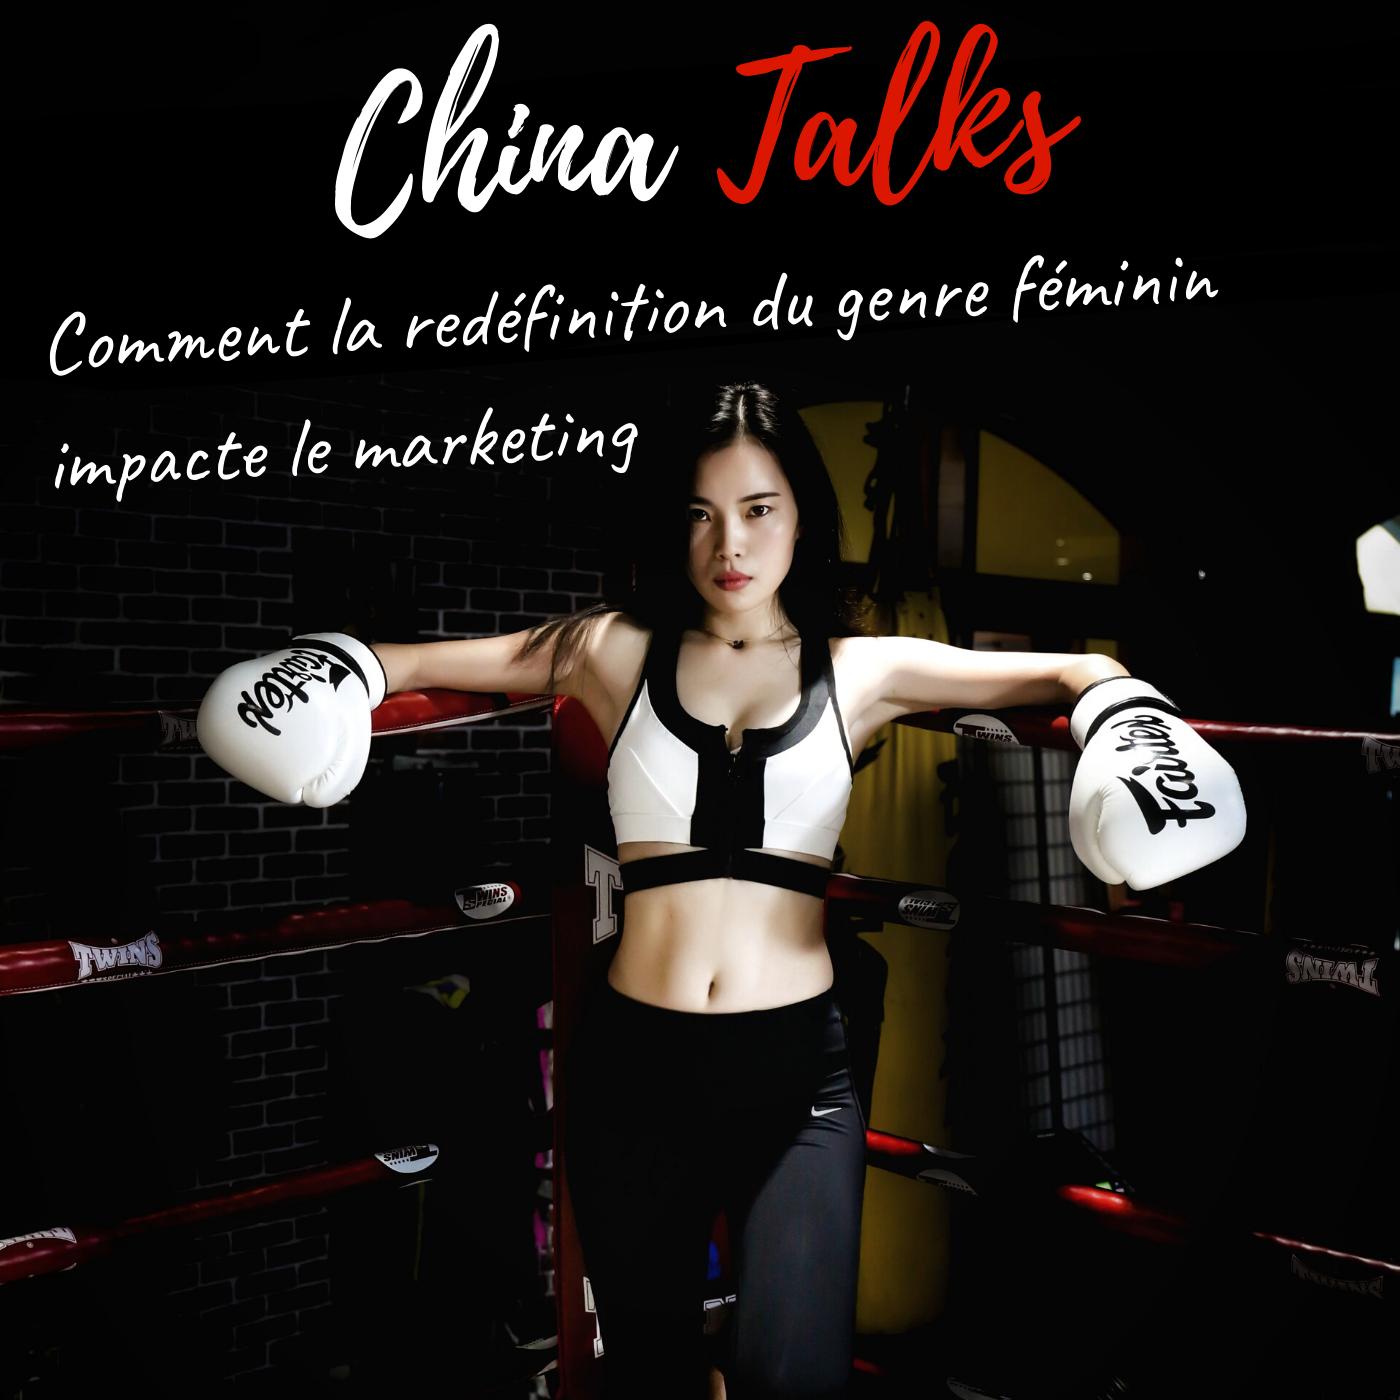 #01 - Comment la redéfinition du genre féminin impacte le marketing - La PREMIÈRE de CHINA TALKS